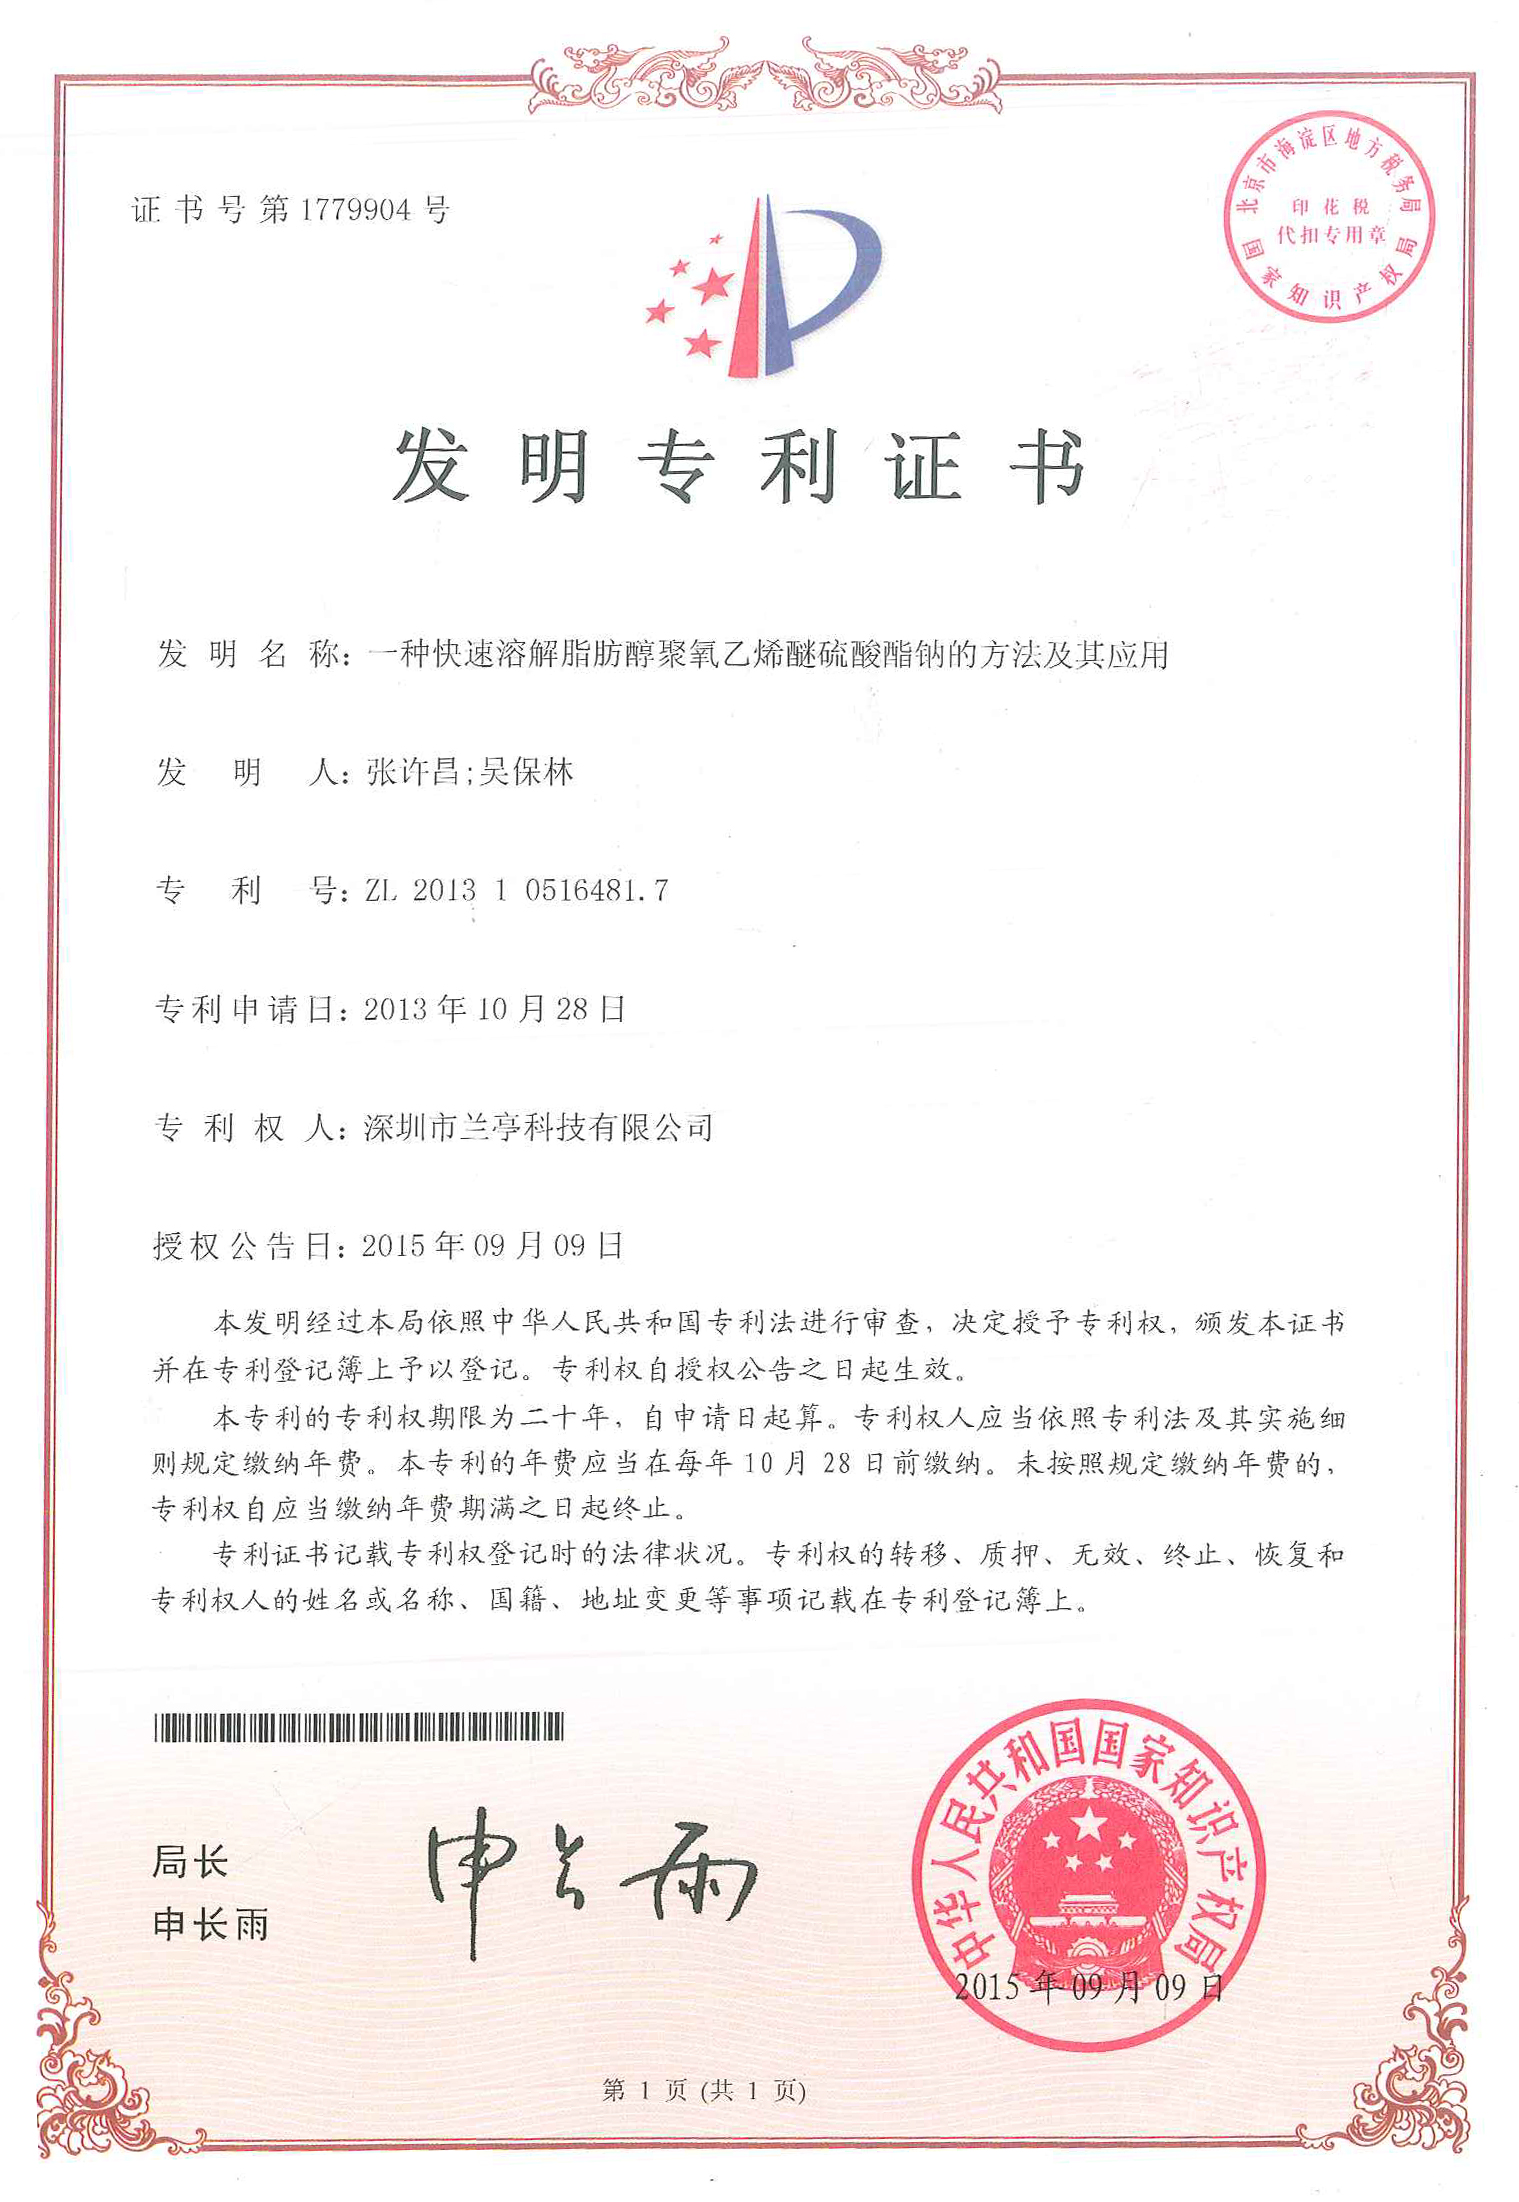 3、發明專利一種快速溶解脂肪醇聚氧乙烯